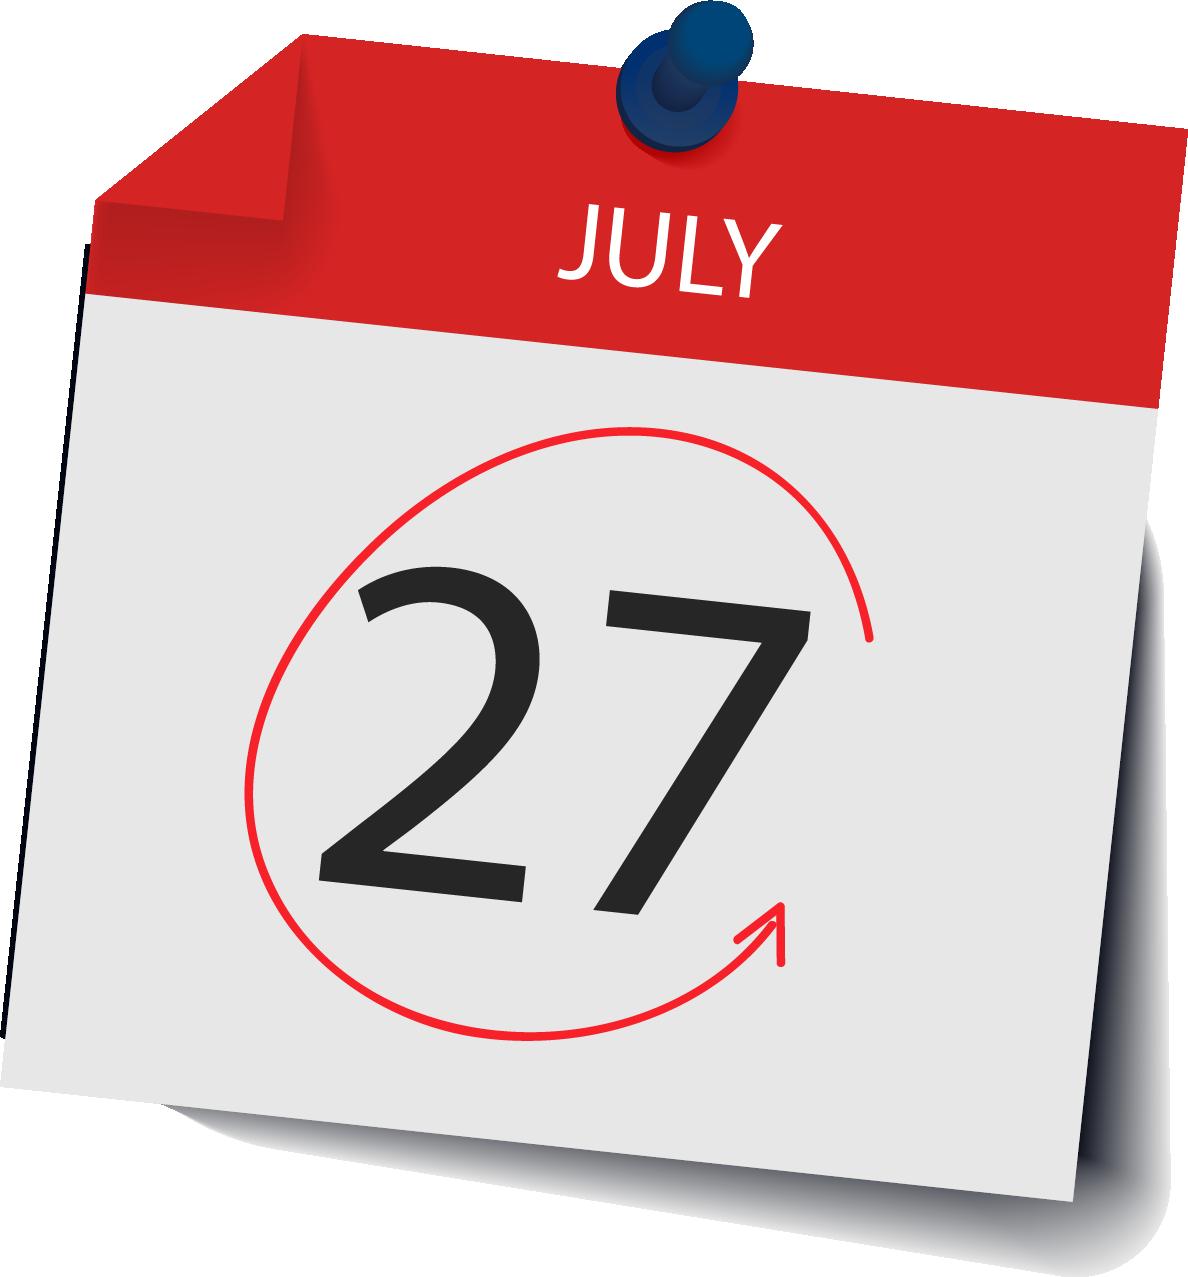 27JULY